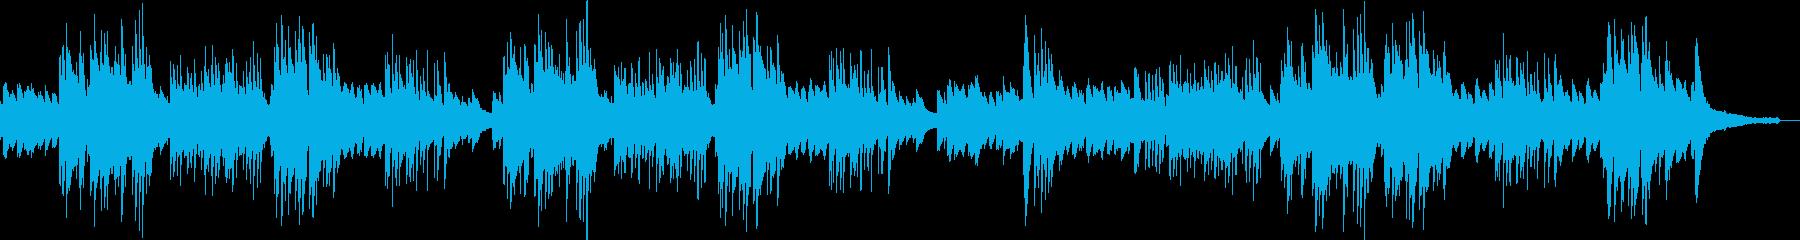 清涼感のあるソロピアノの再生済みの波形